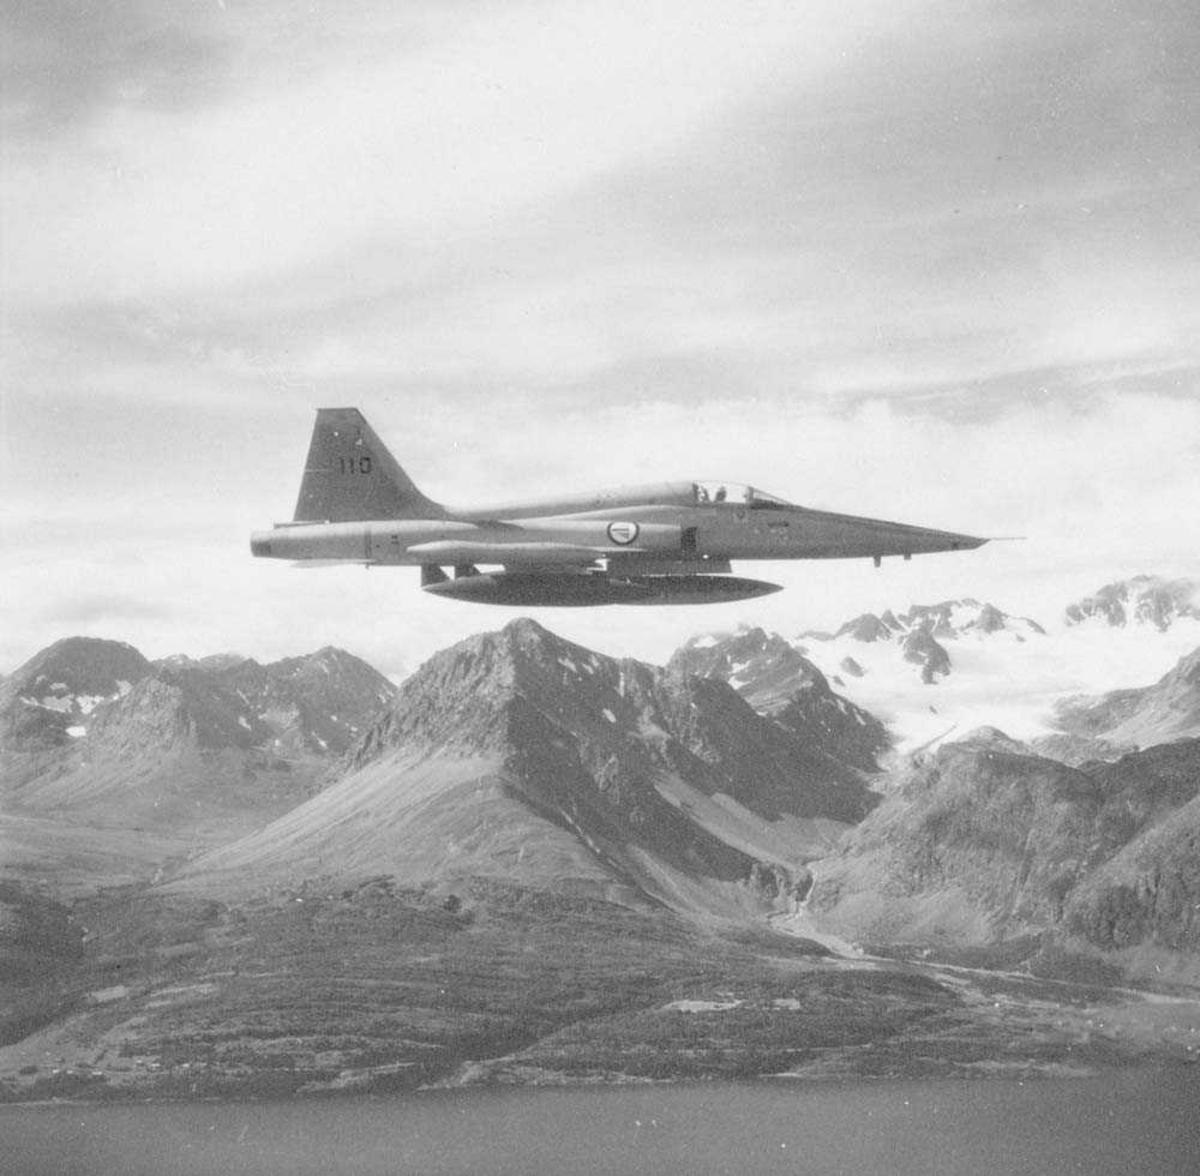 RF-5A Freedom Fighter, Fotorekognoseringsfly, tilhørende 717 skvadron, Rygge flystasjon.